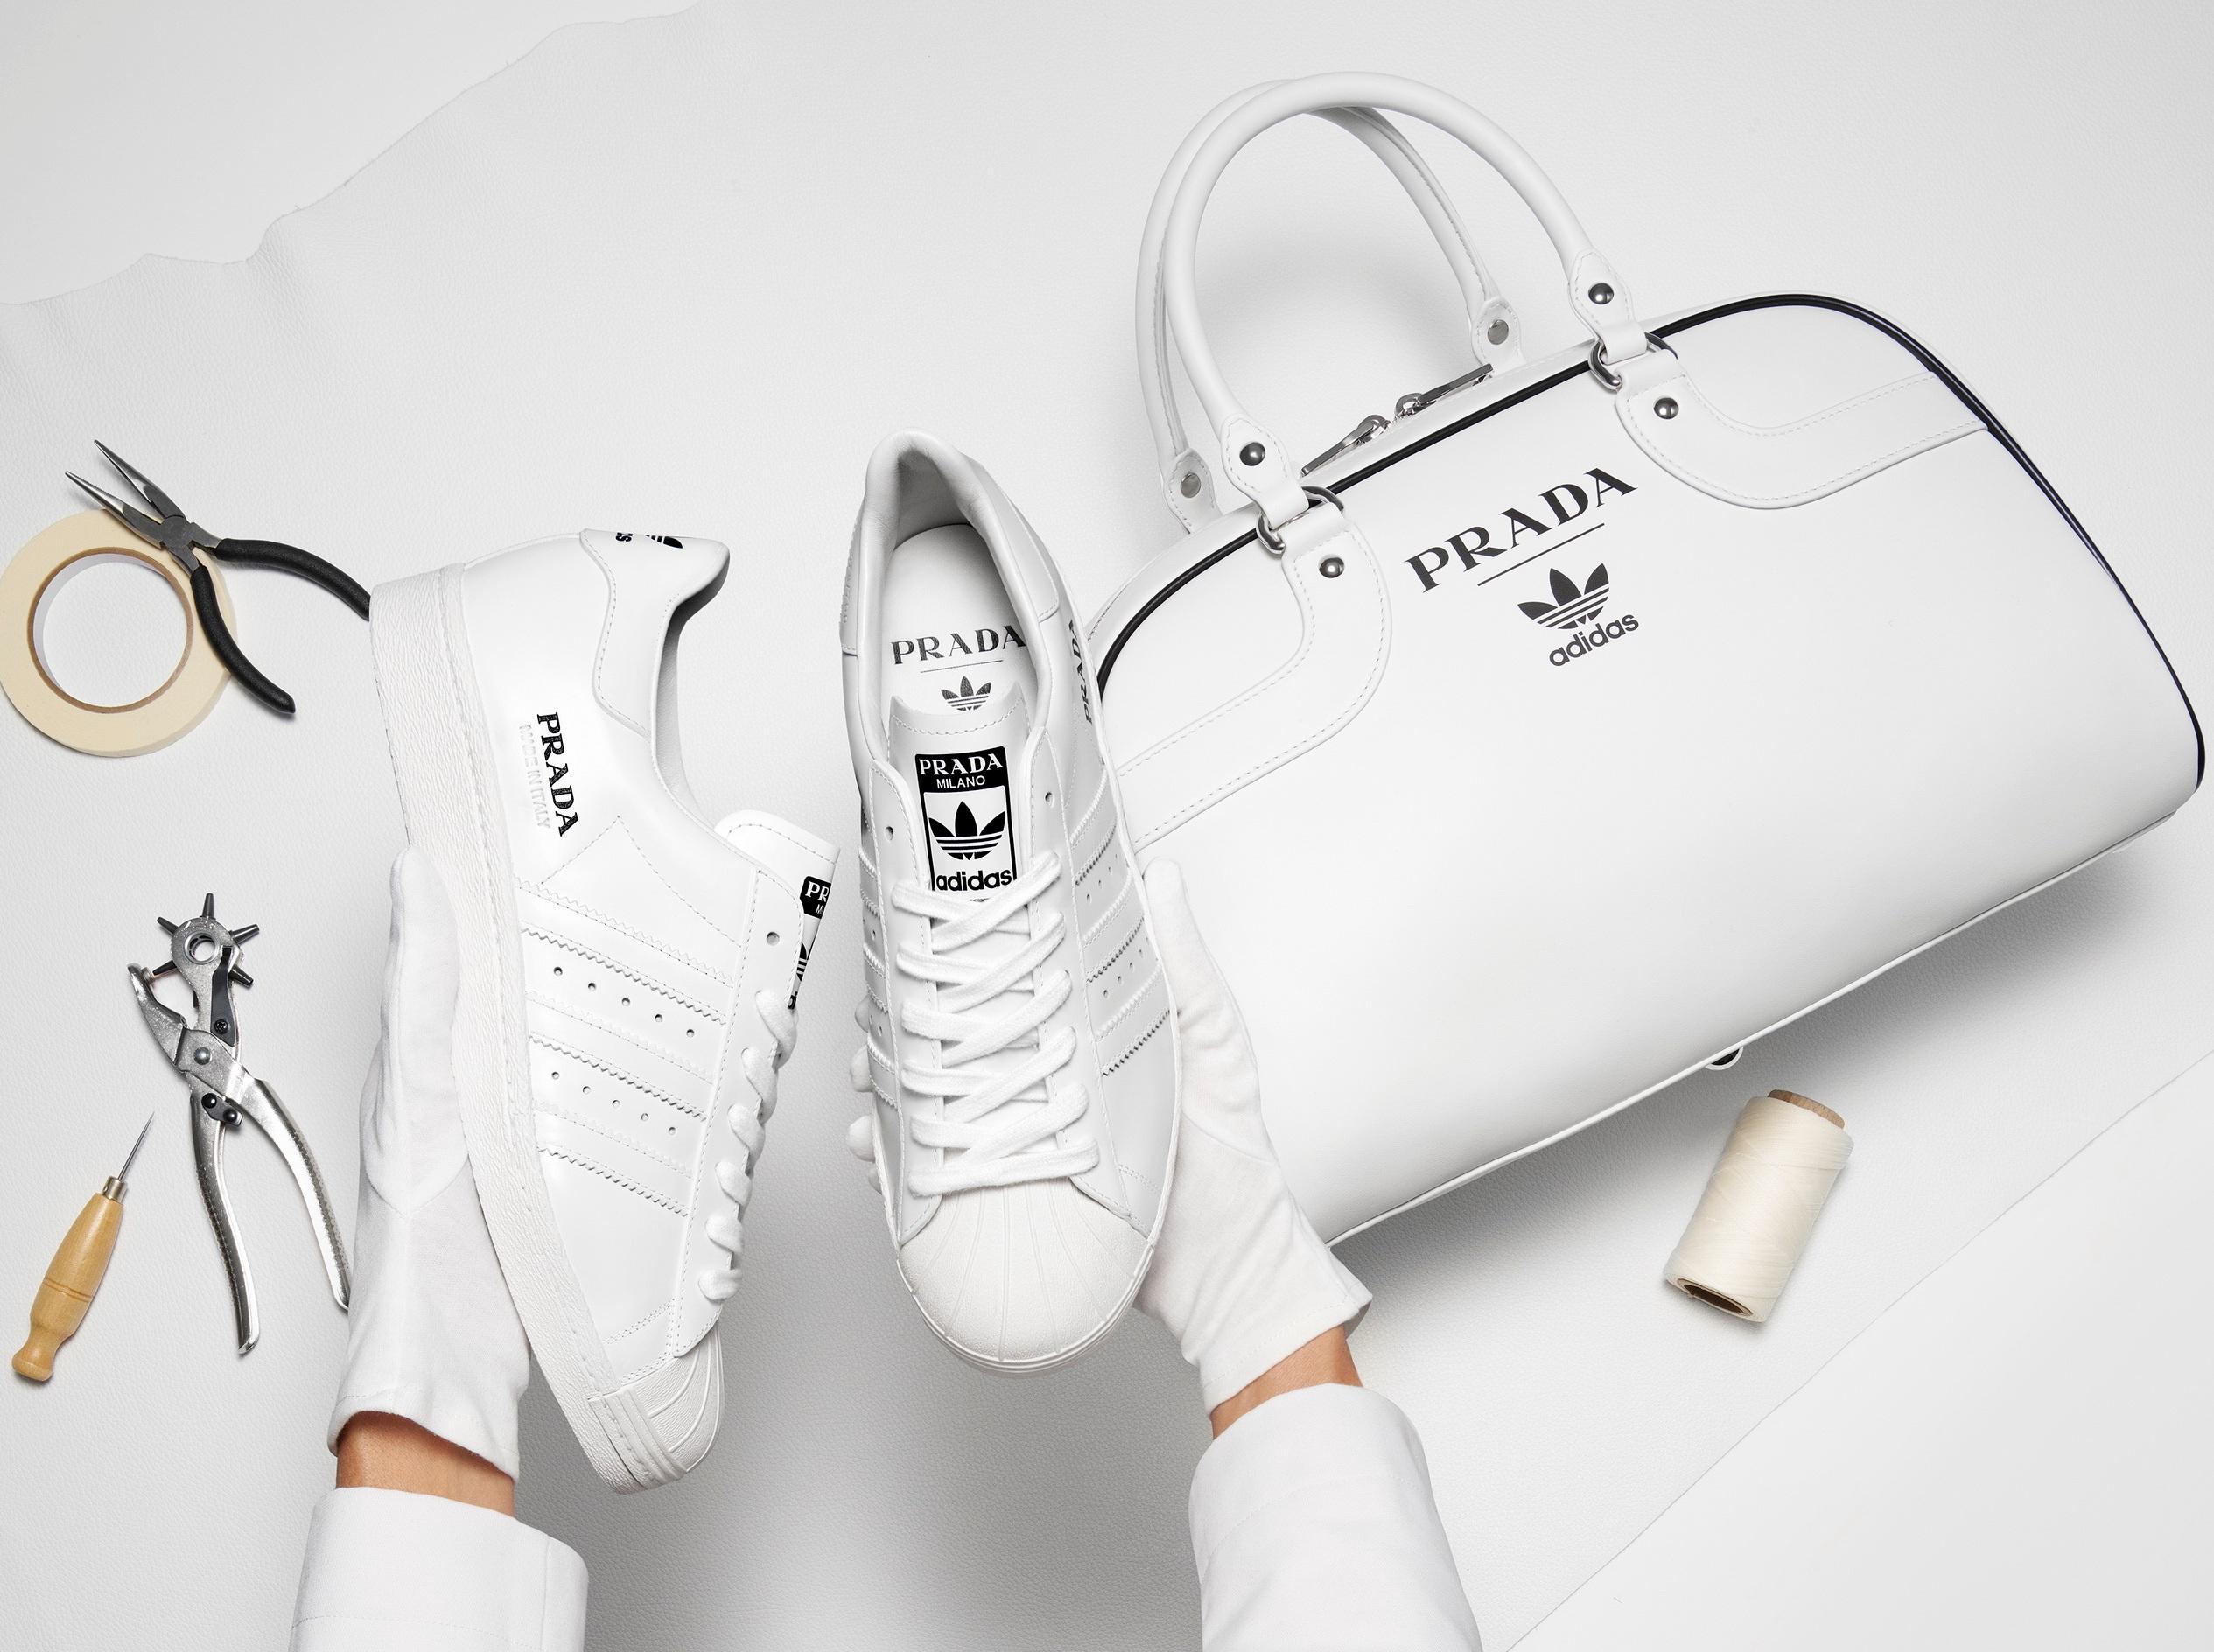 Prada e Adidas svelano la prima fase della loro co lab